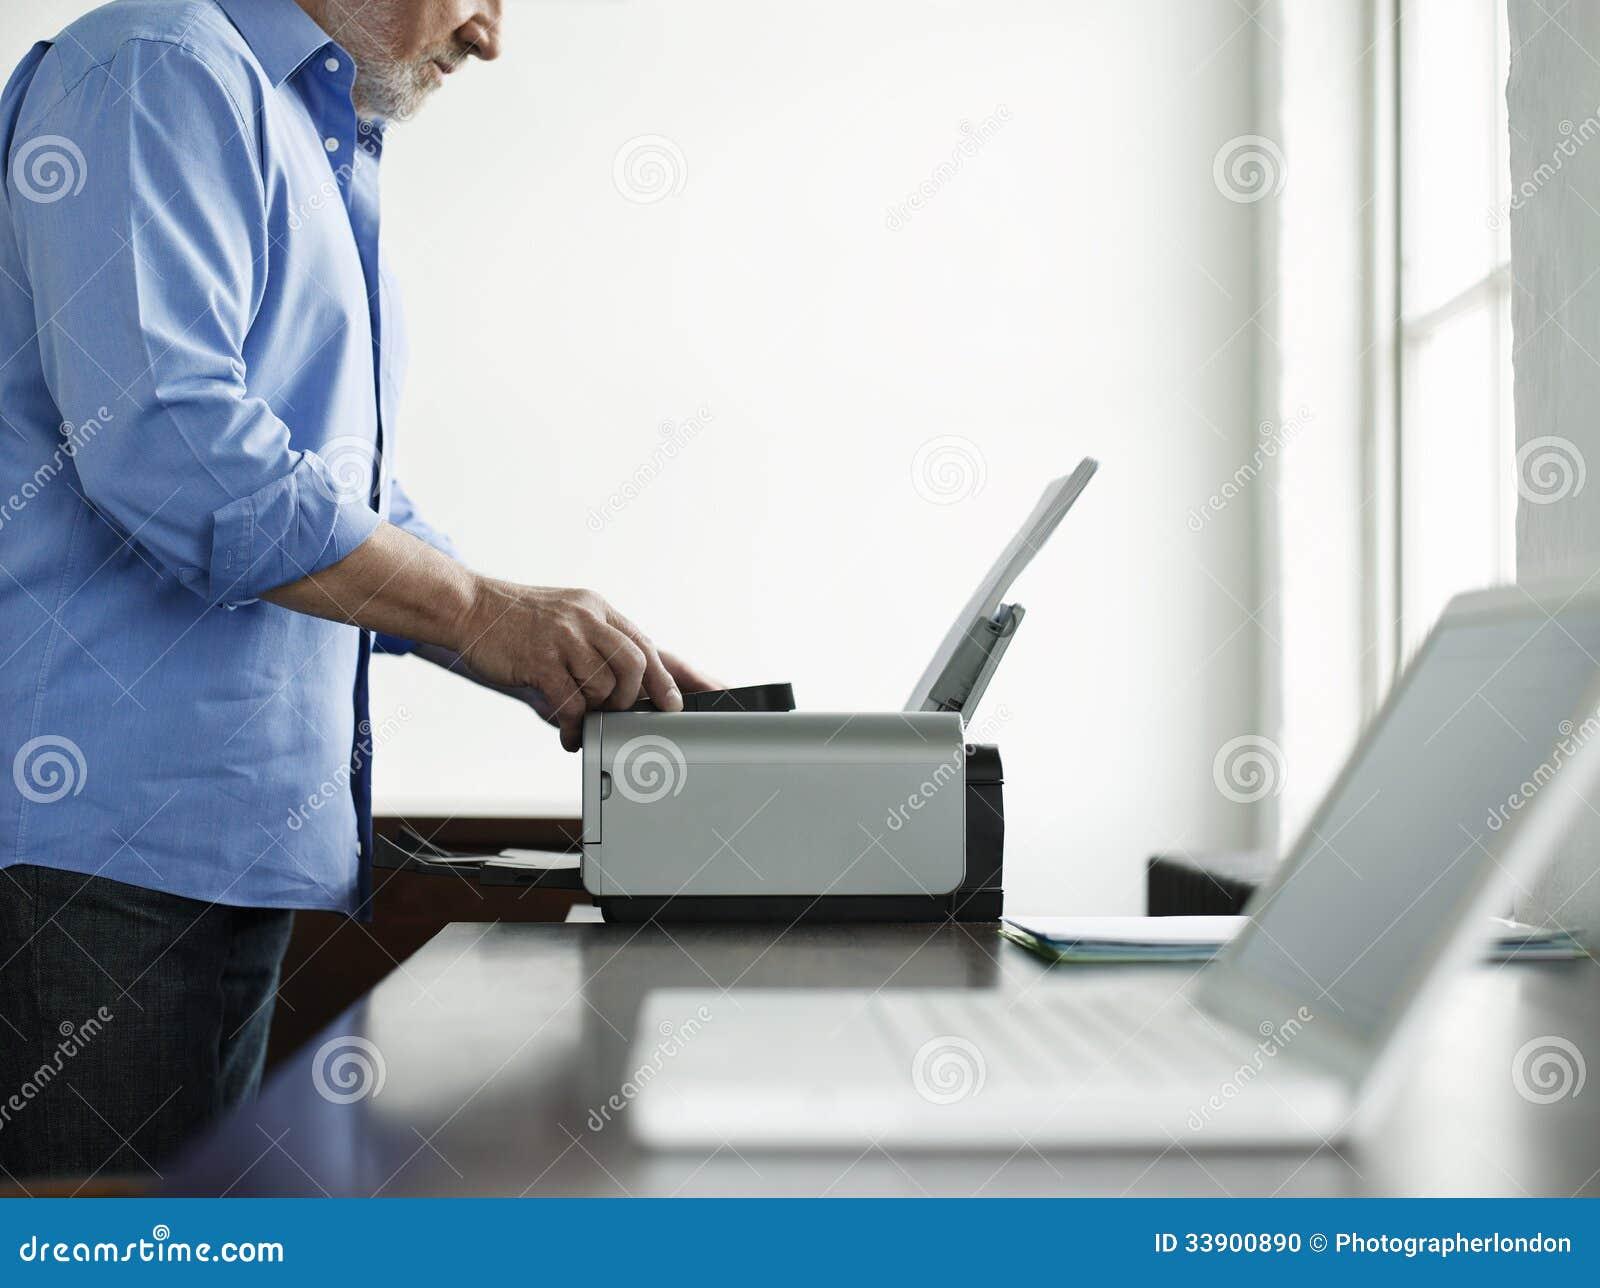 Uomo che utilizza stampatore At Study Table nella Camera